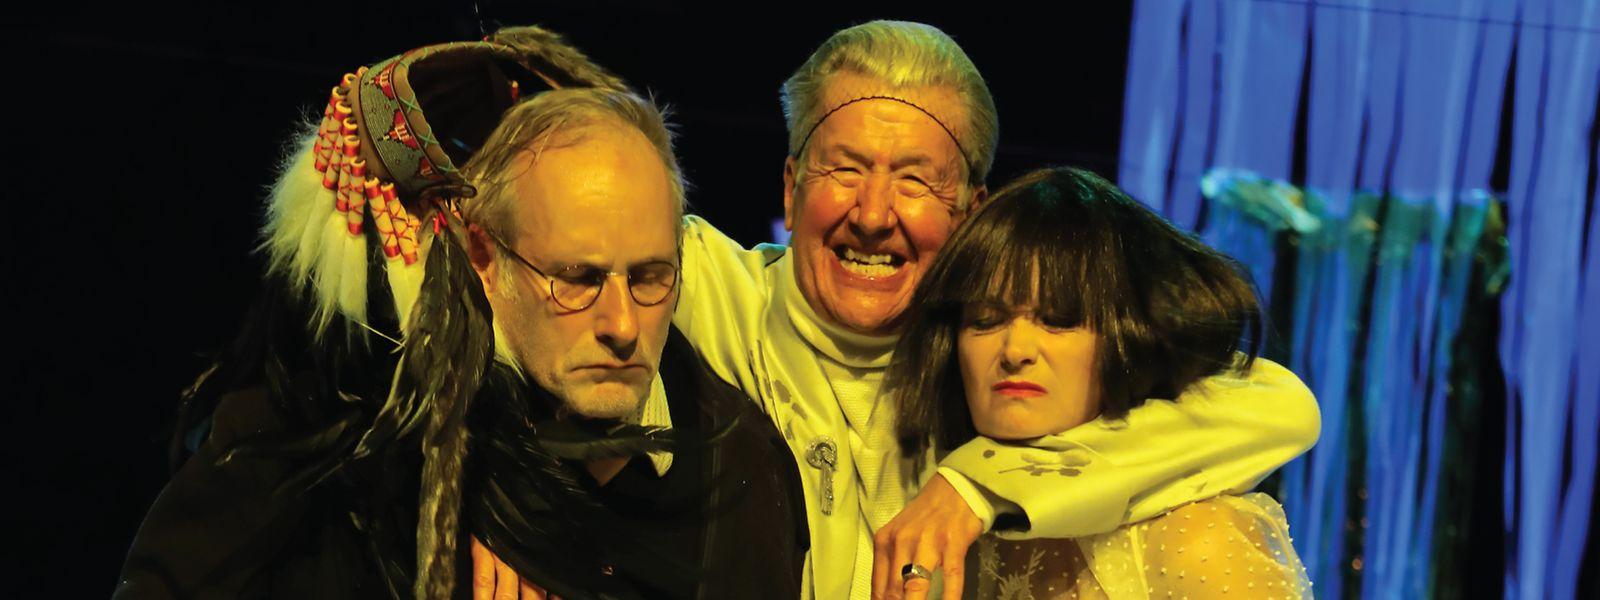 """Wolfram Koch, Marco Lorenzini und Jacqueline Macaulay (v.l.n.r.) in der Aufführung von """"Der Zauberberg"""" von Thomas Mann."""